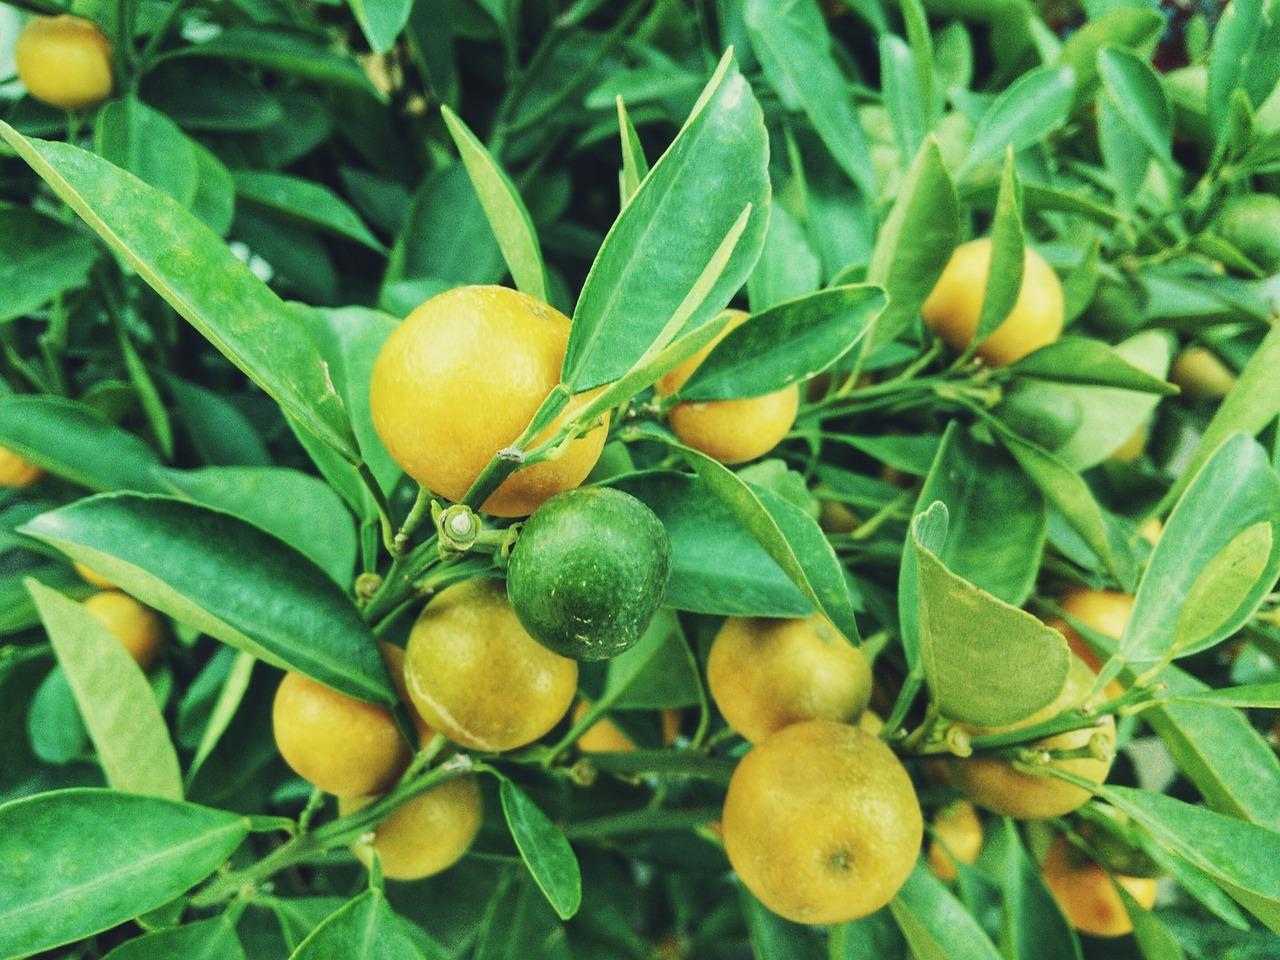 Zitronen Und Obst im <?PHP echo Heinsberger;?> Lieferservice